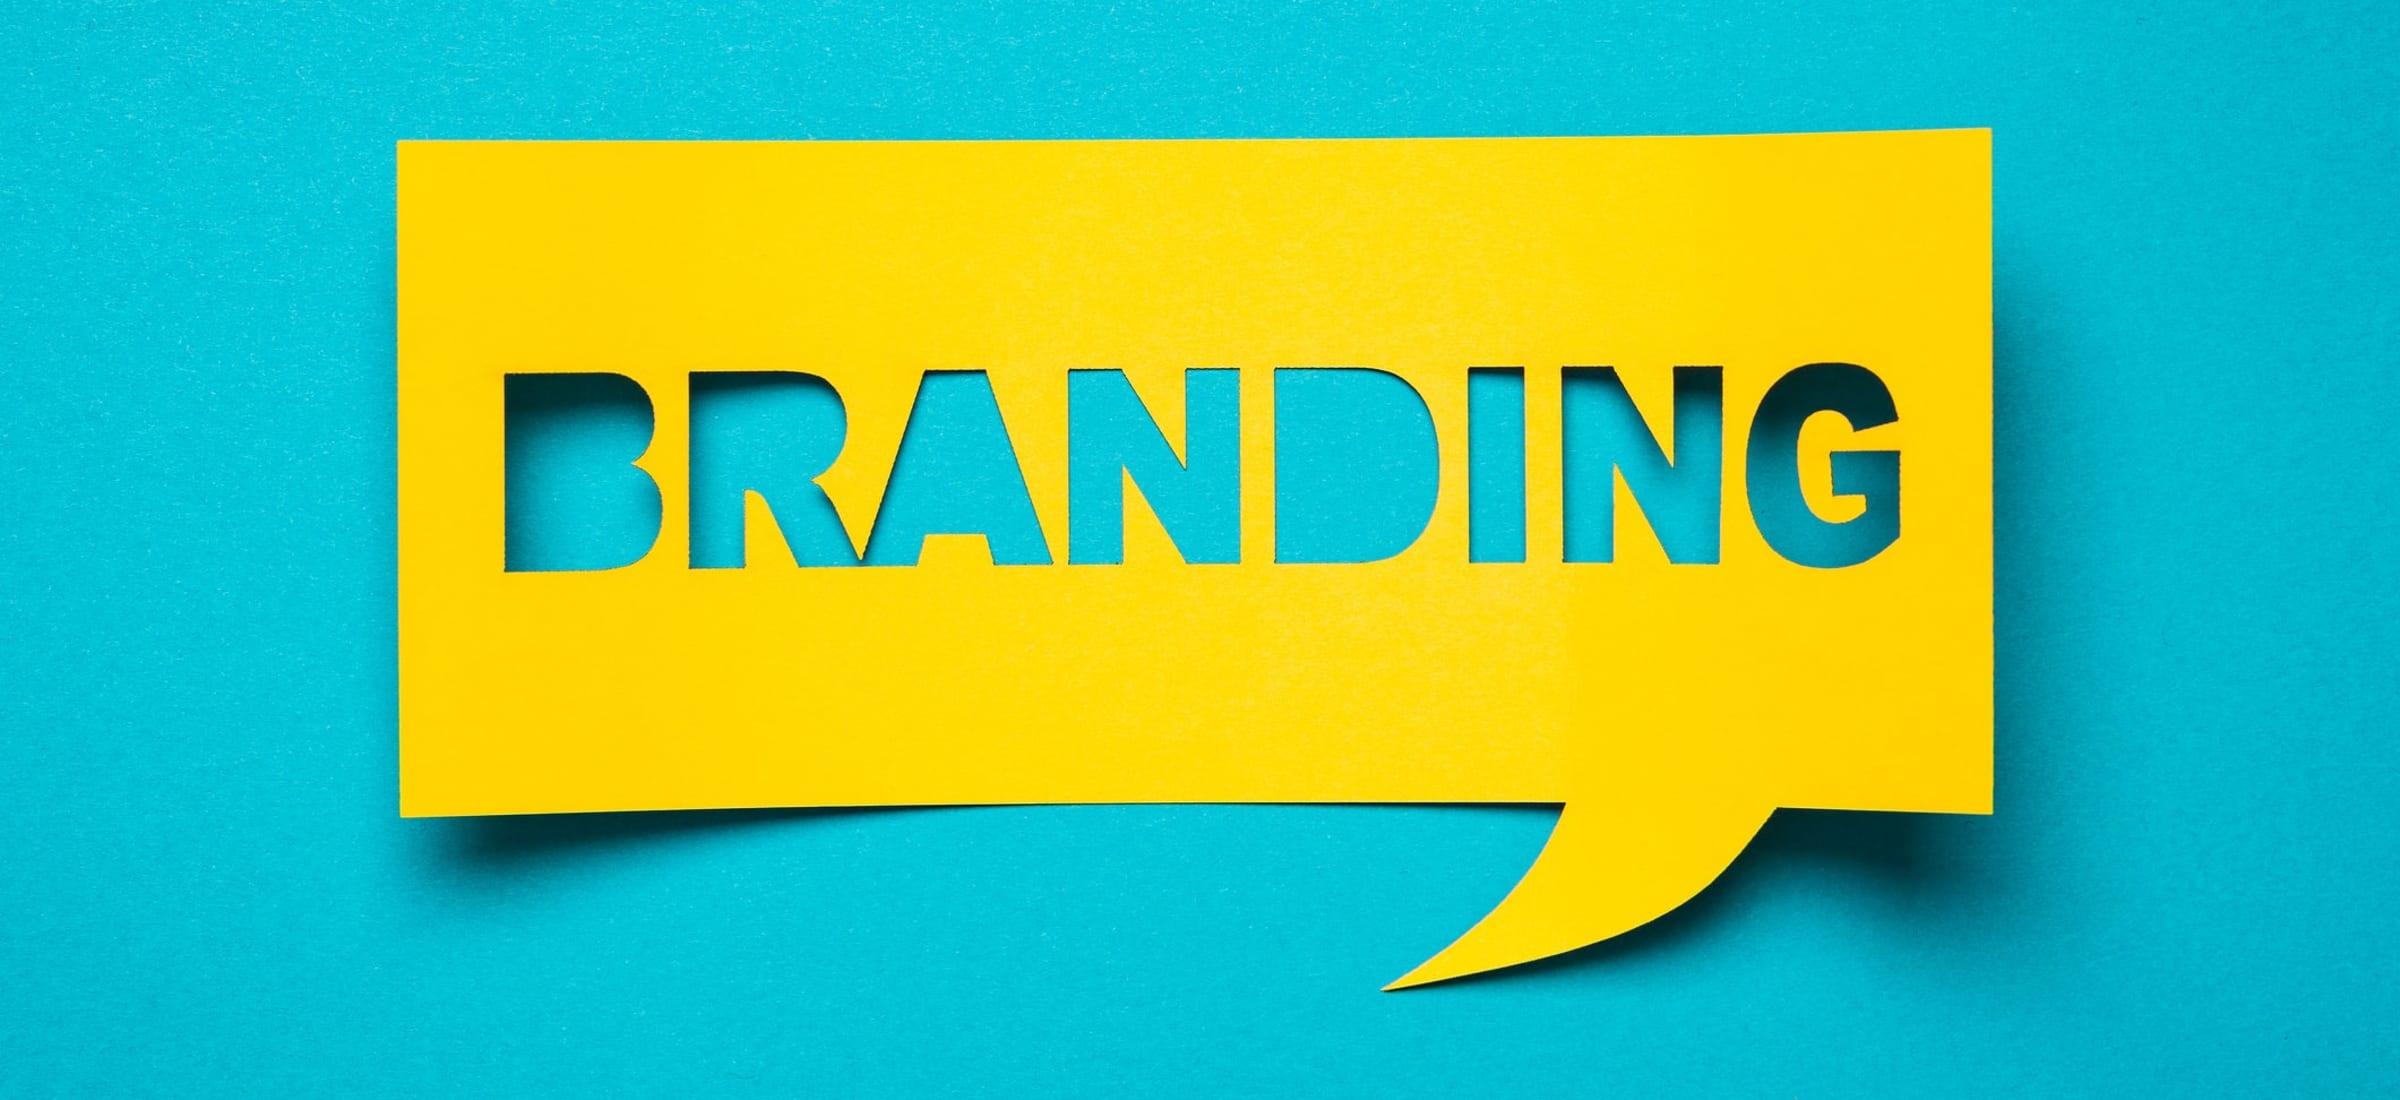 branding speech bubble